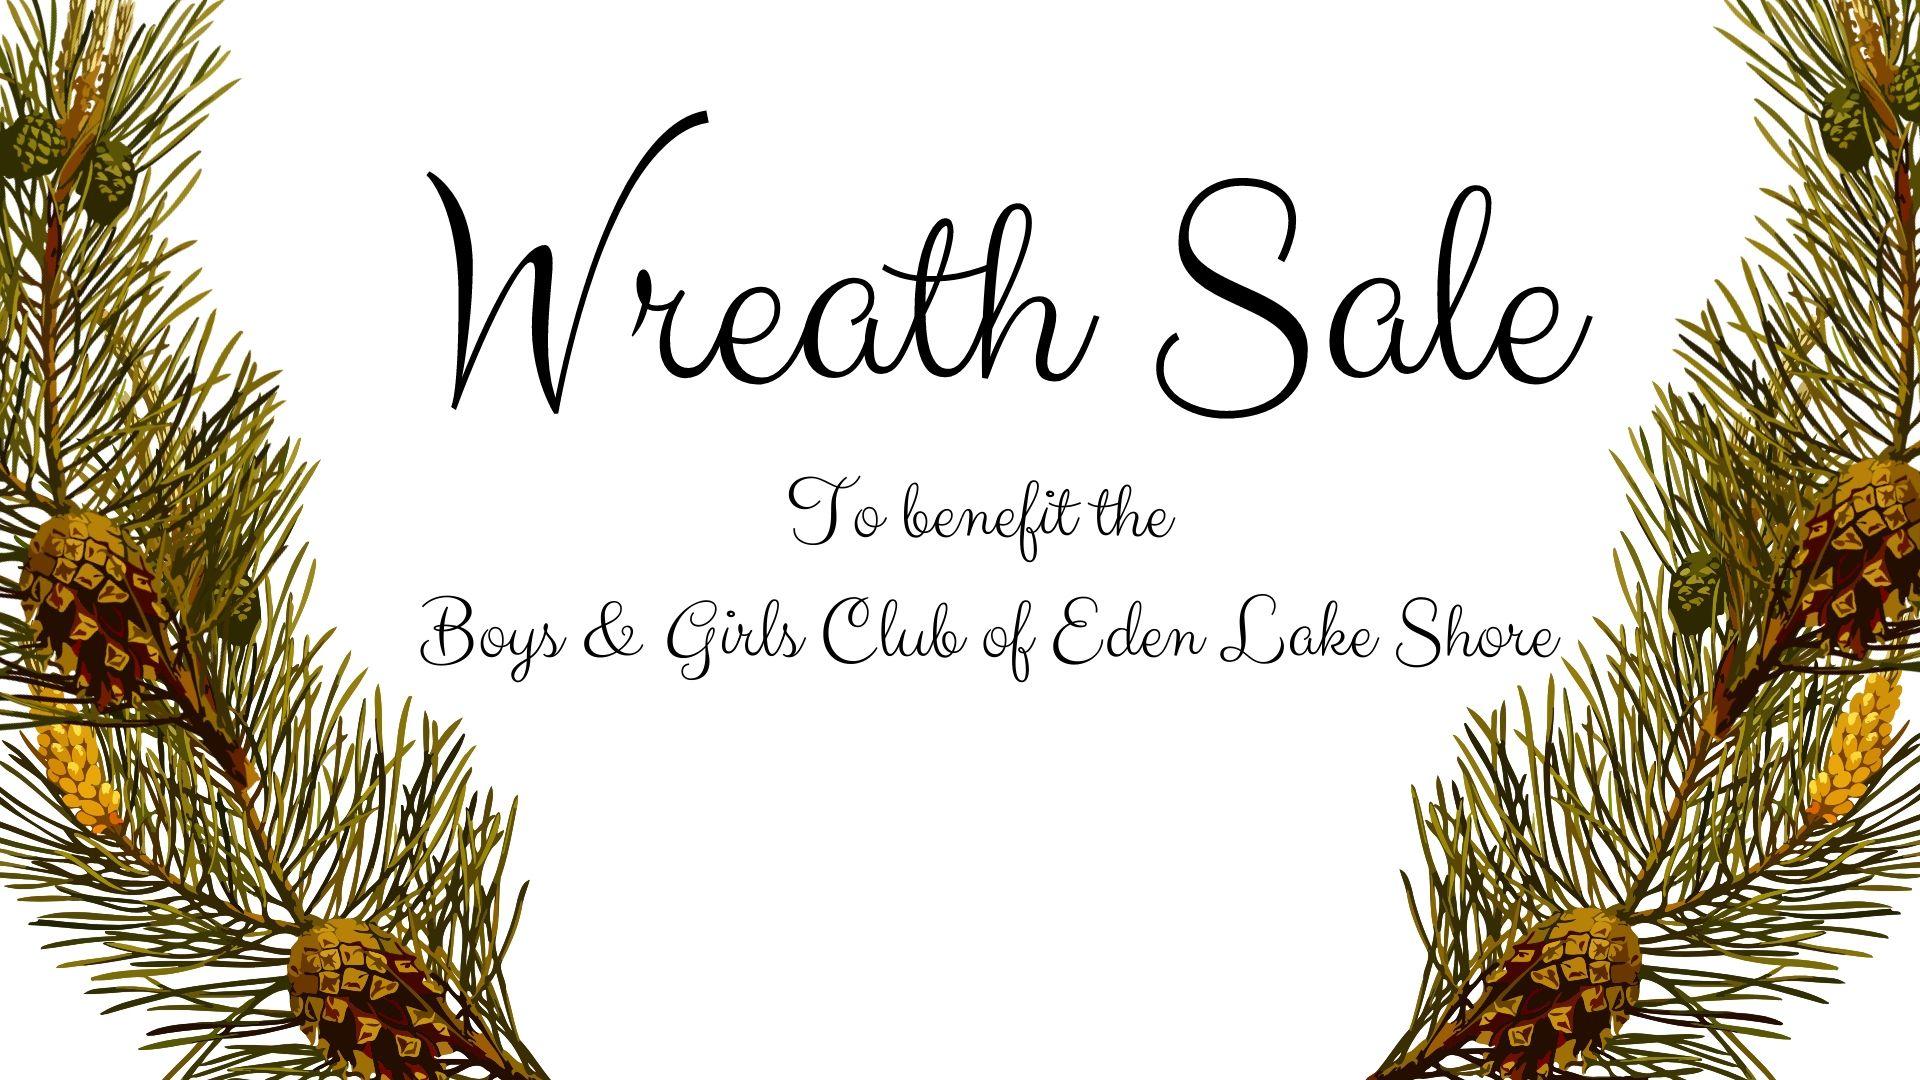 Wreath Sale